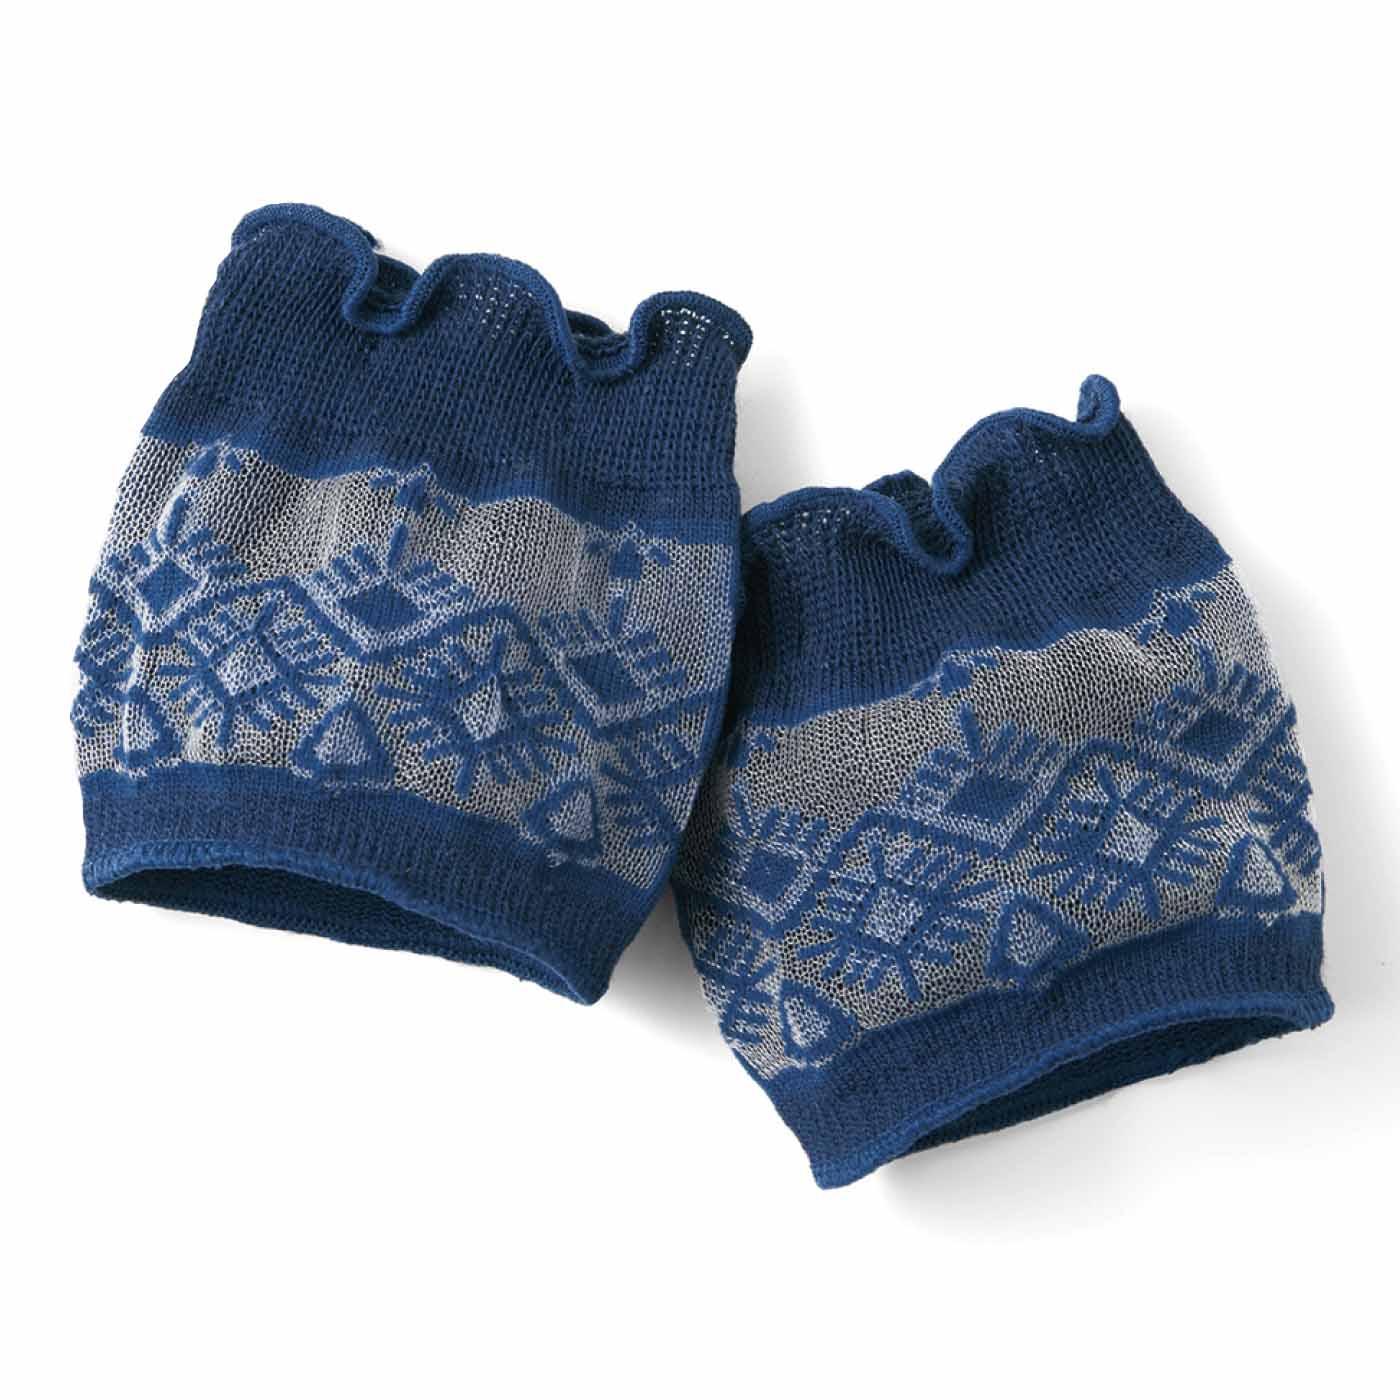 親指・中央・小指の3つのホールに分かれているから、トングを履いても指が痛くなりにくく、ずれにくい。透け感のあるシースルー素材だから涼しげ。